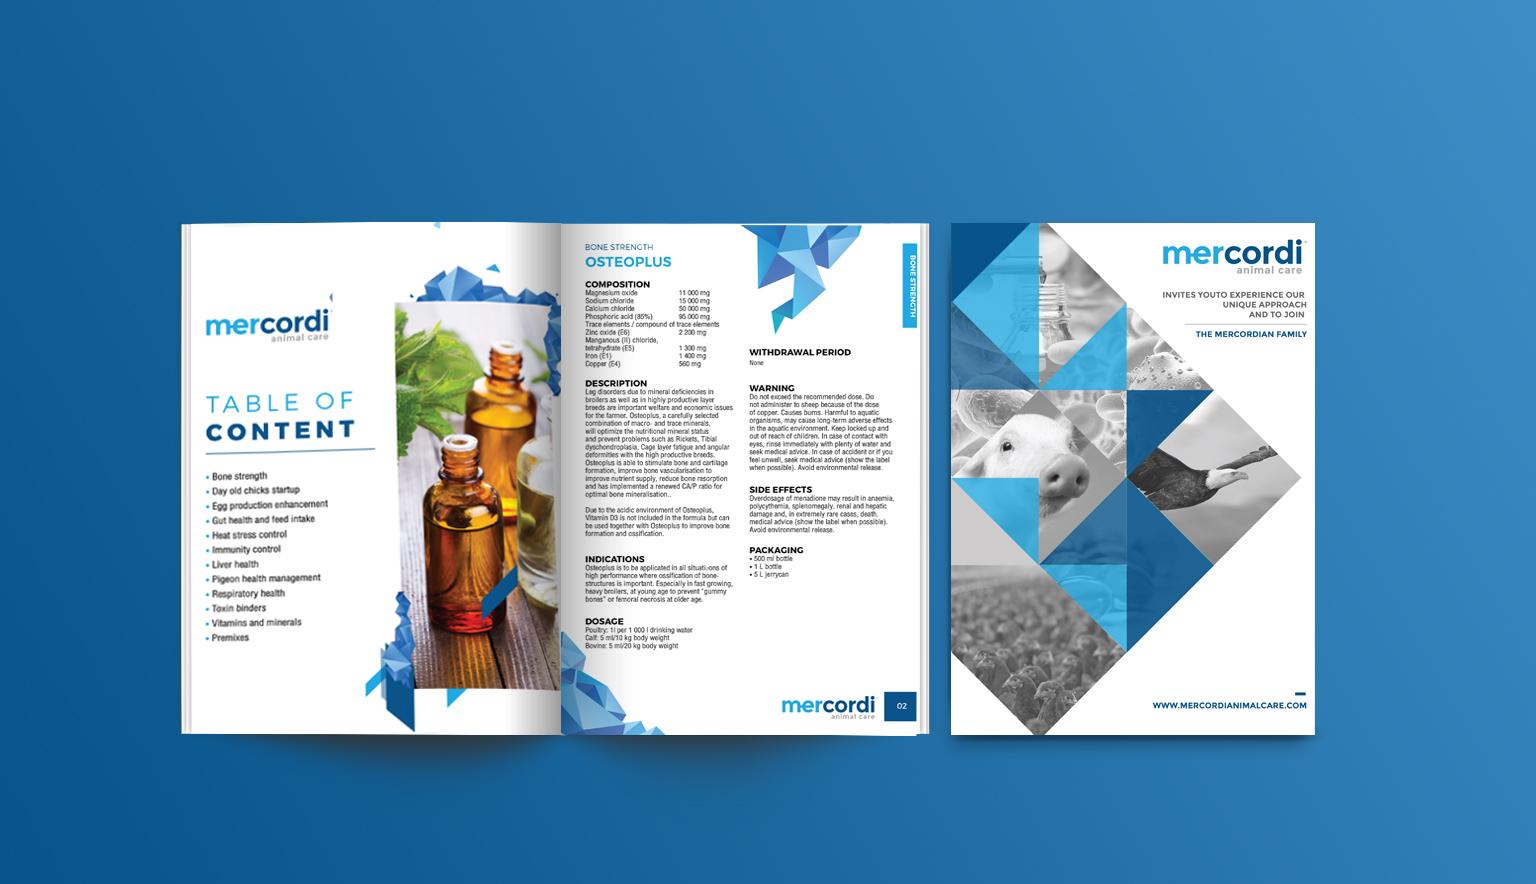 KOS Design - Mercordi 2